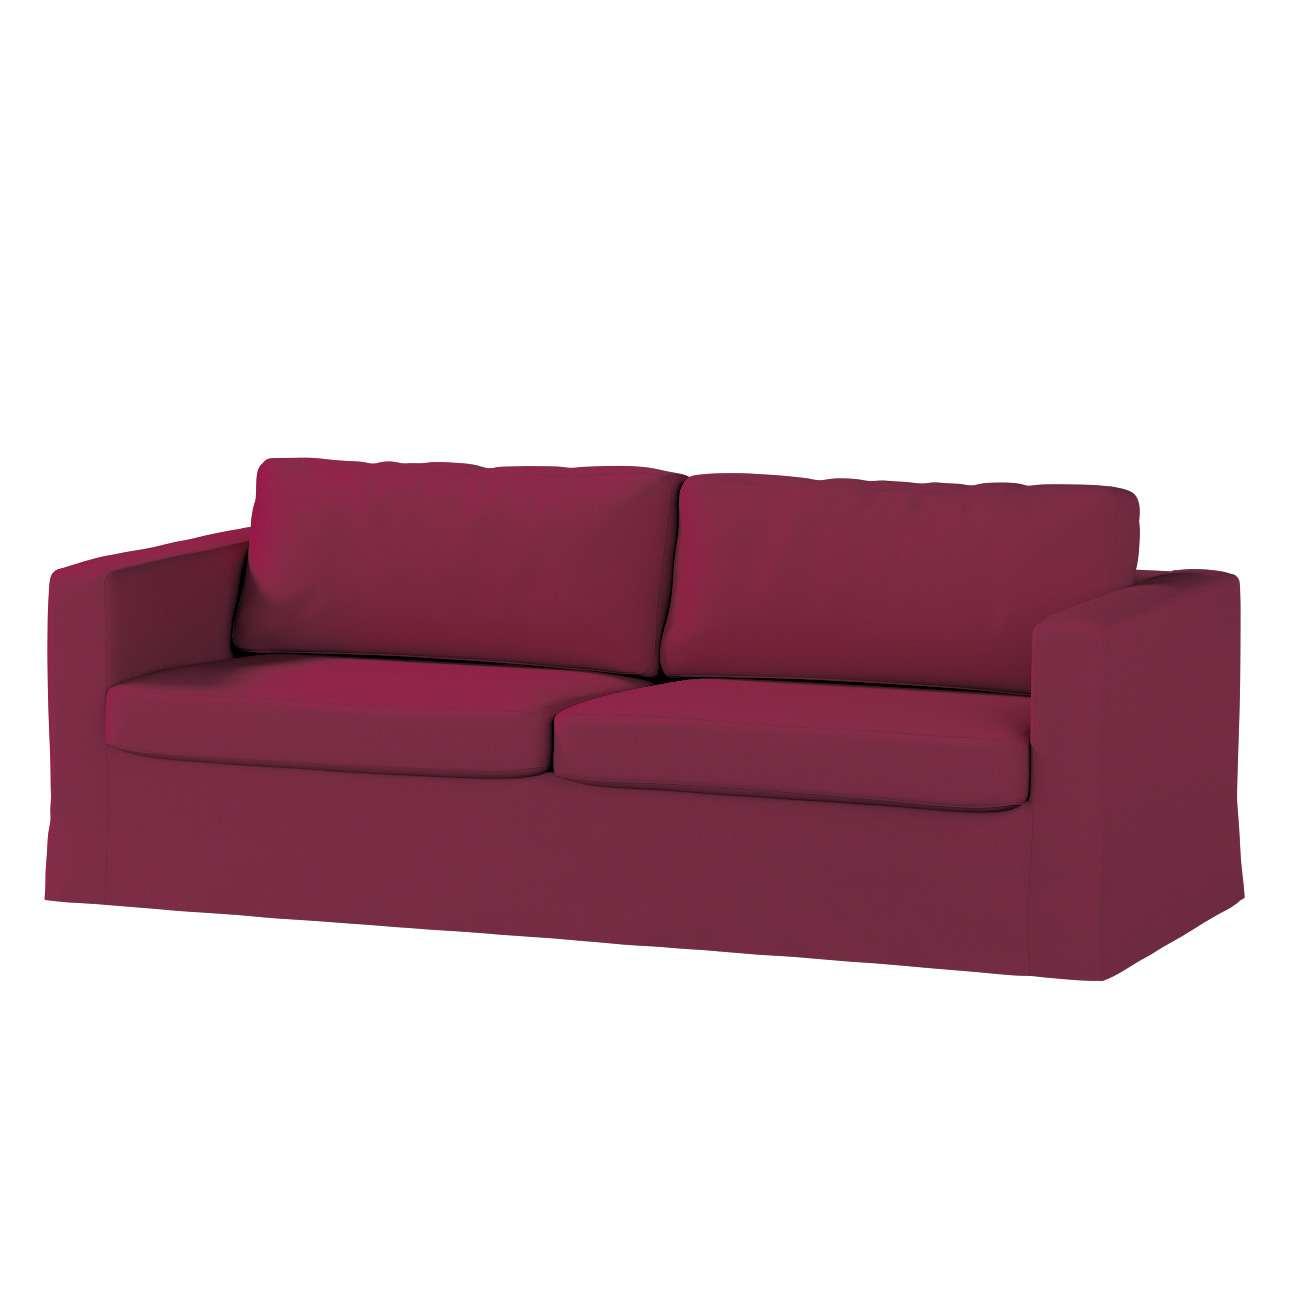 Pokrowiec na sofę Karlstad 3-osobową nierozkładaną, długi Sofa Karlstad 3-osobowa w kolekcji Cotton Panama, tkanina: 702-32